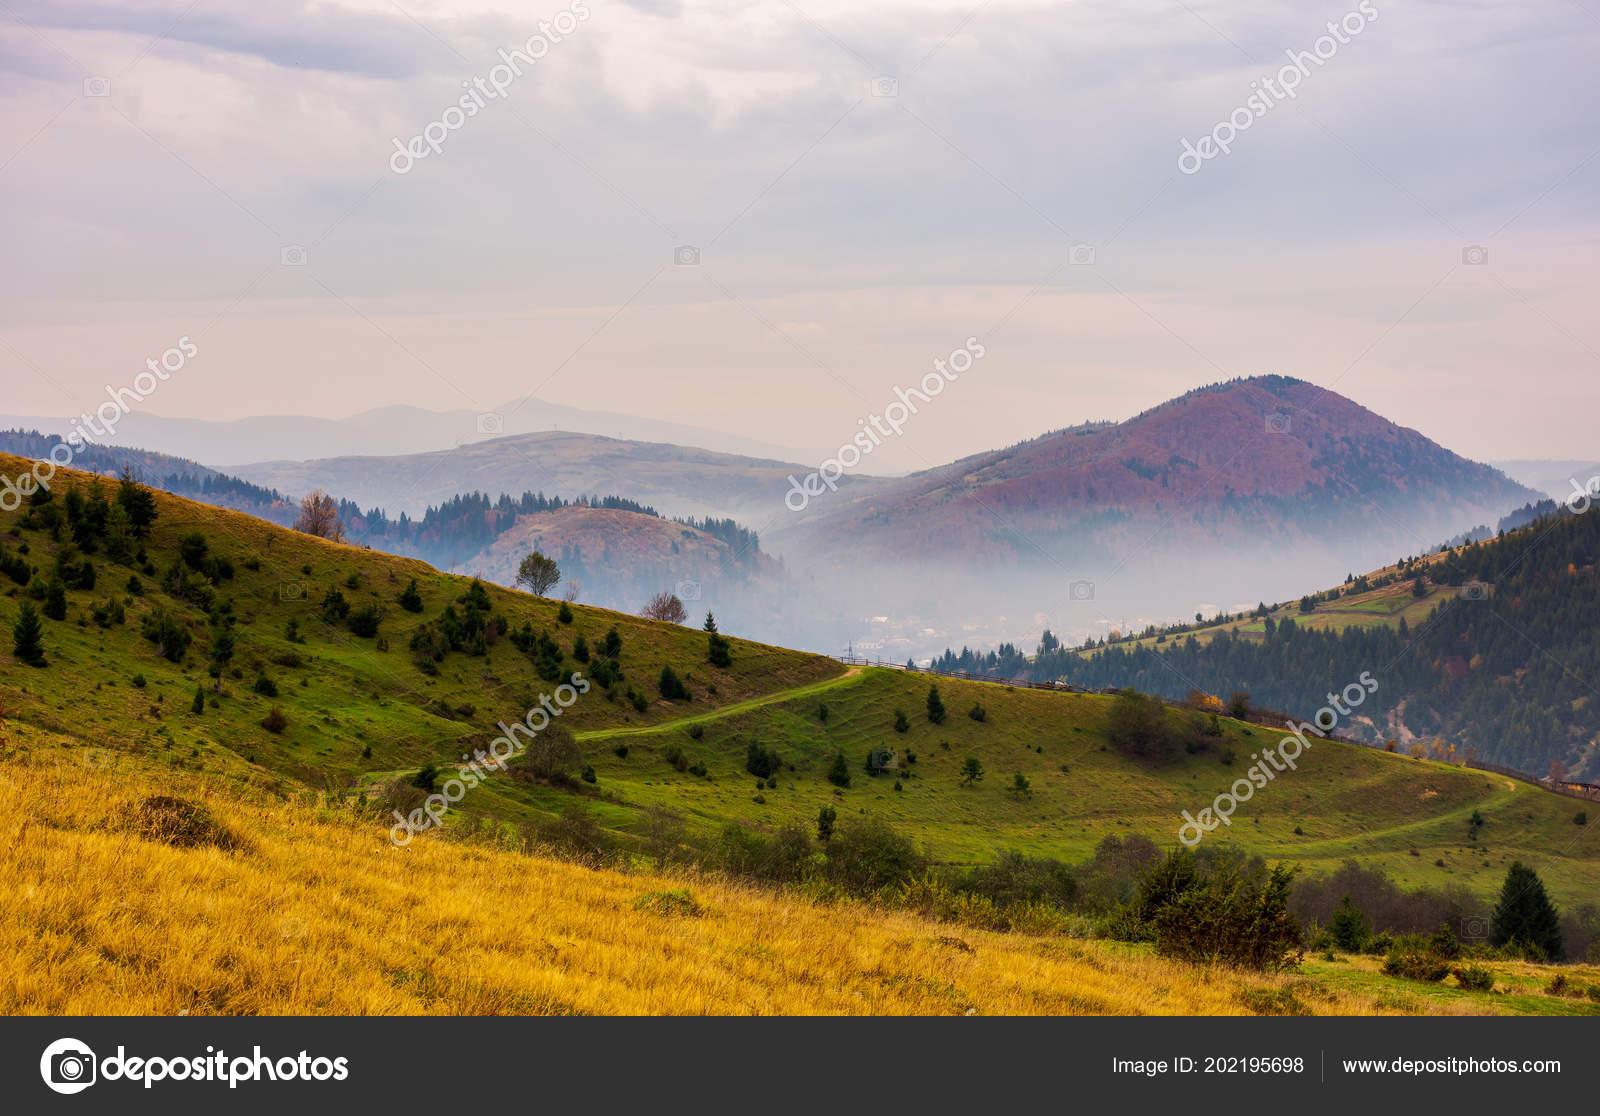 Beautiful Mountainous Area Late Autumn Foggy Overcast